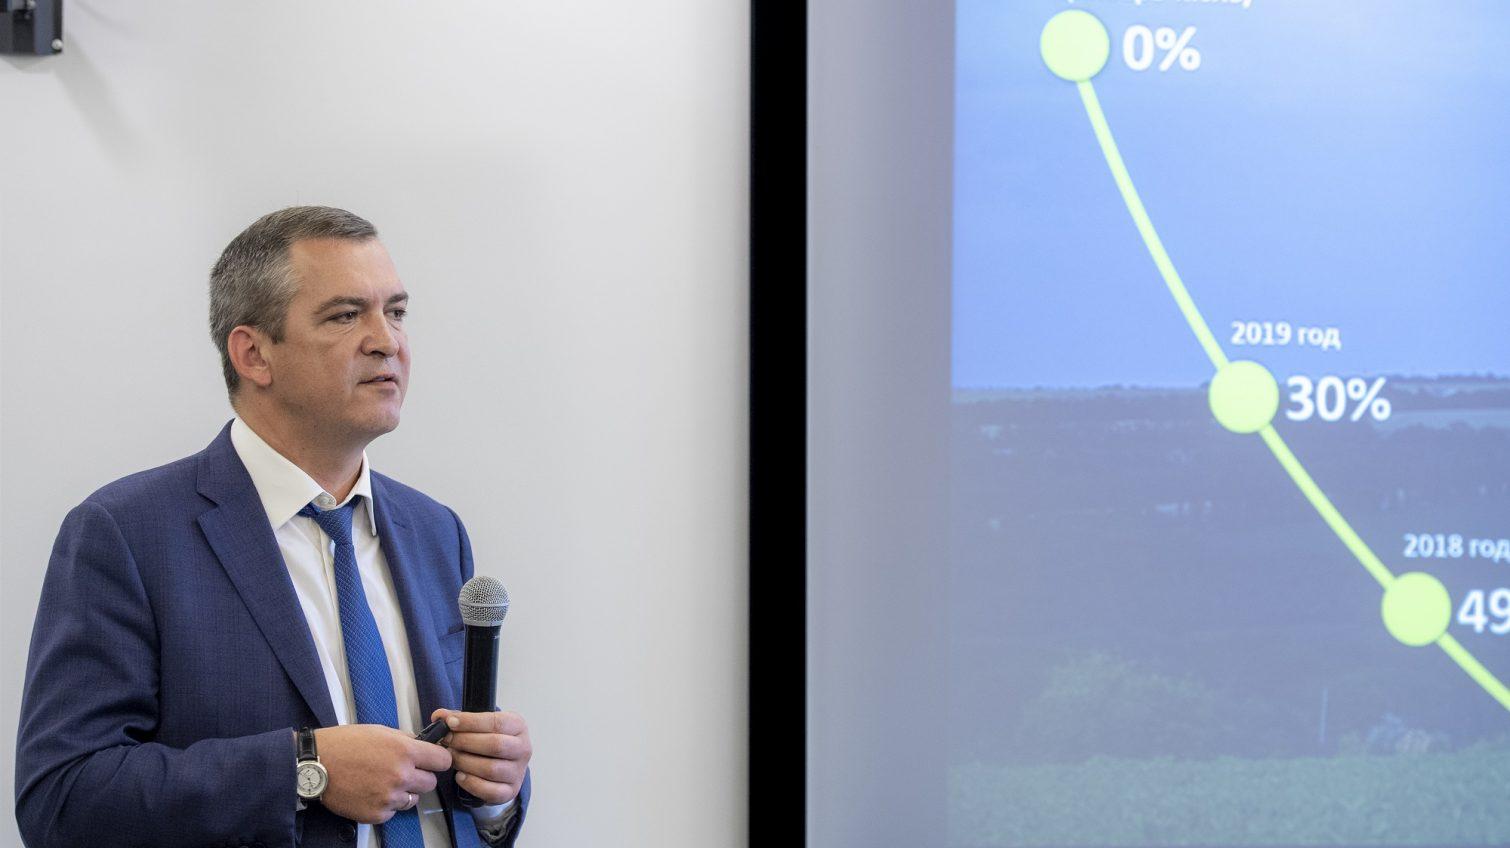 В обновленном «облэнерго» – ДТЭК анонсировали строительство подстанций и рассказали о новых сервисах для потребителей «фото»